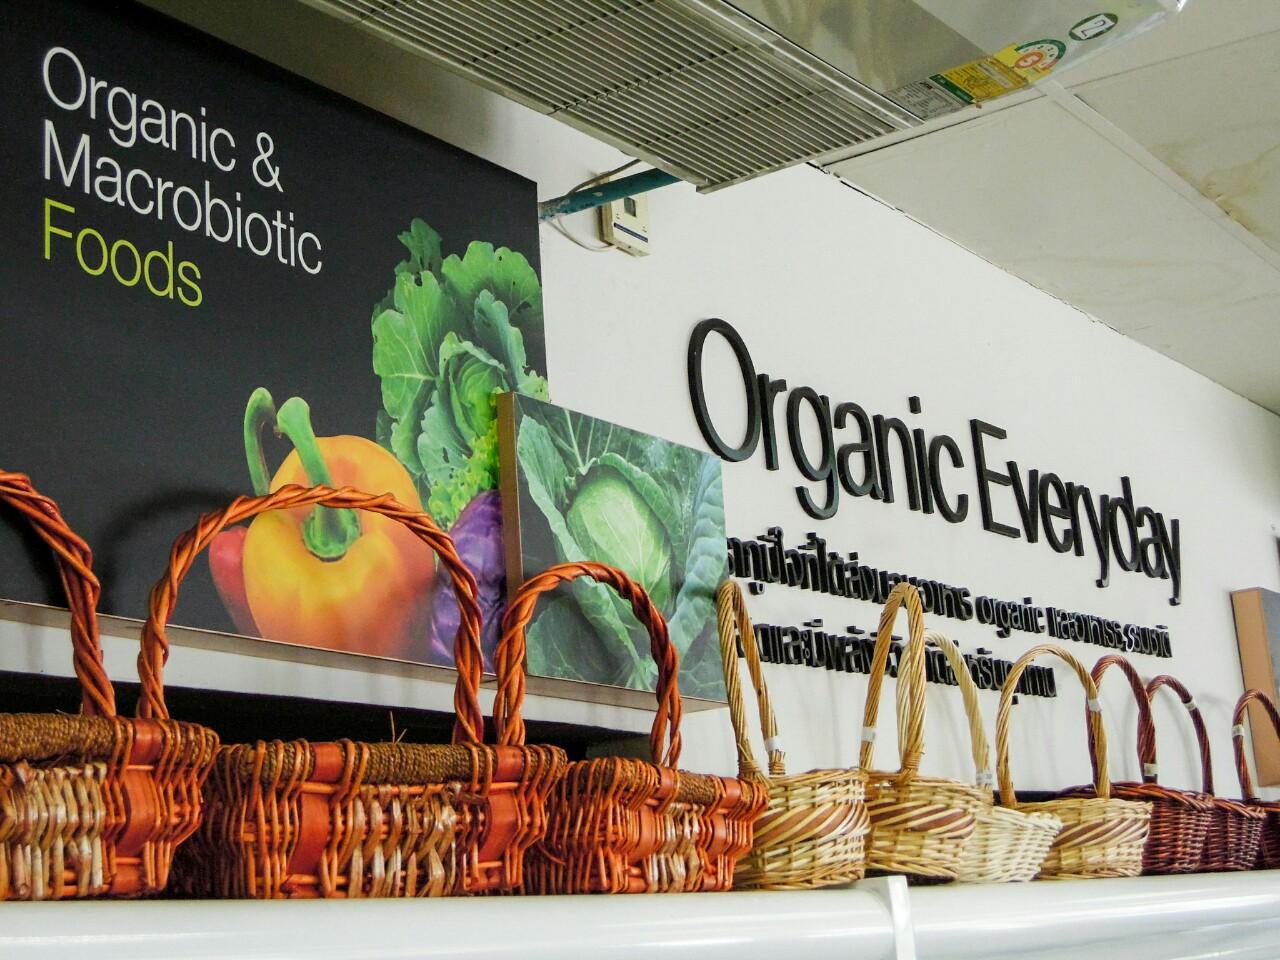 Lemonfarm Bio Supermarkt Sukhumvit Bangkok organic17